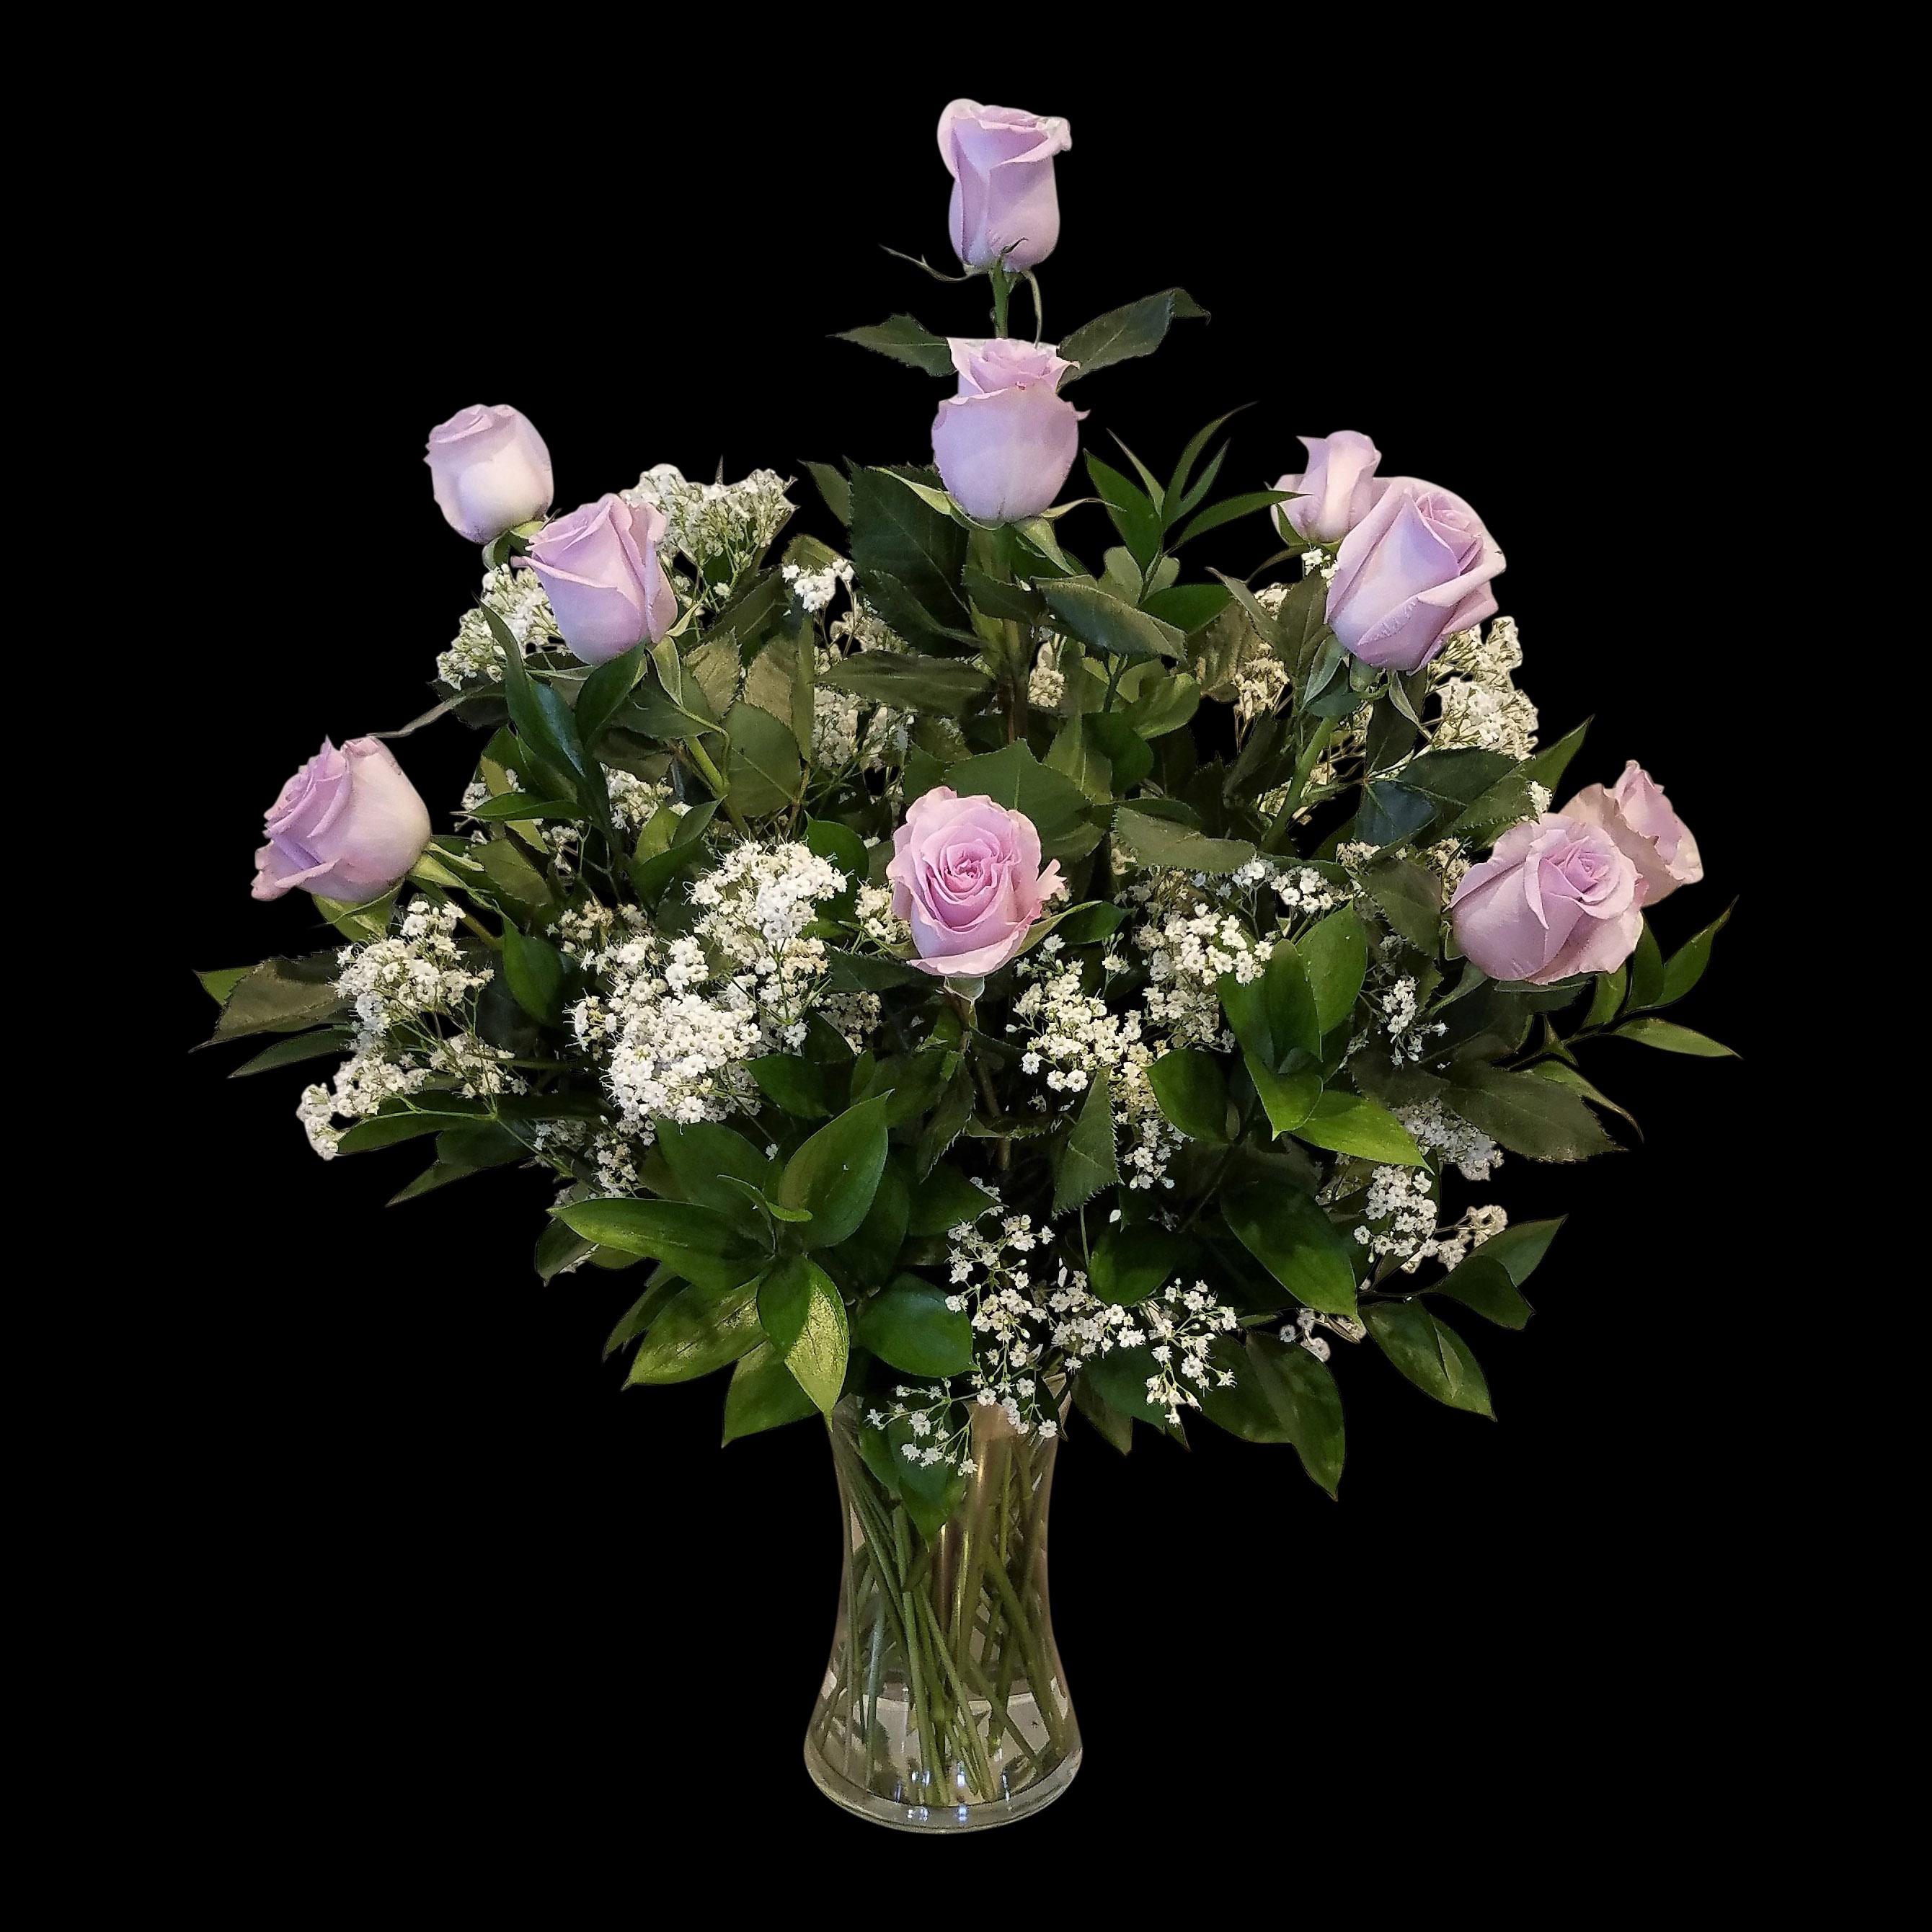 Lavender Roses 1 Dozen Vased The Flower Shop